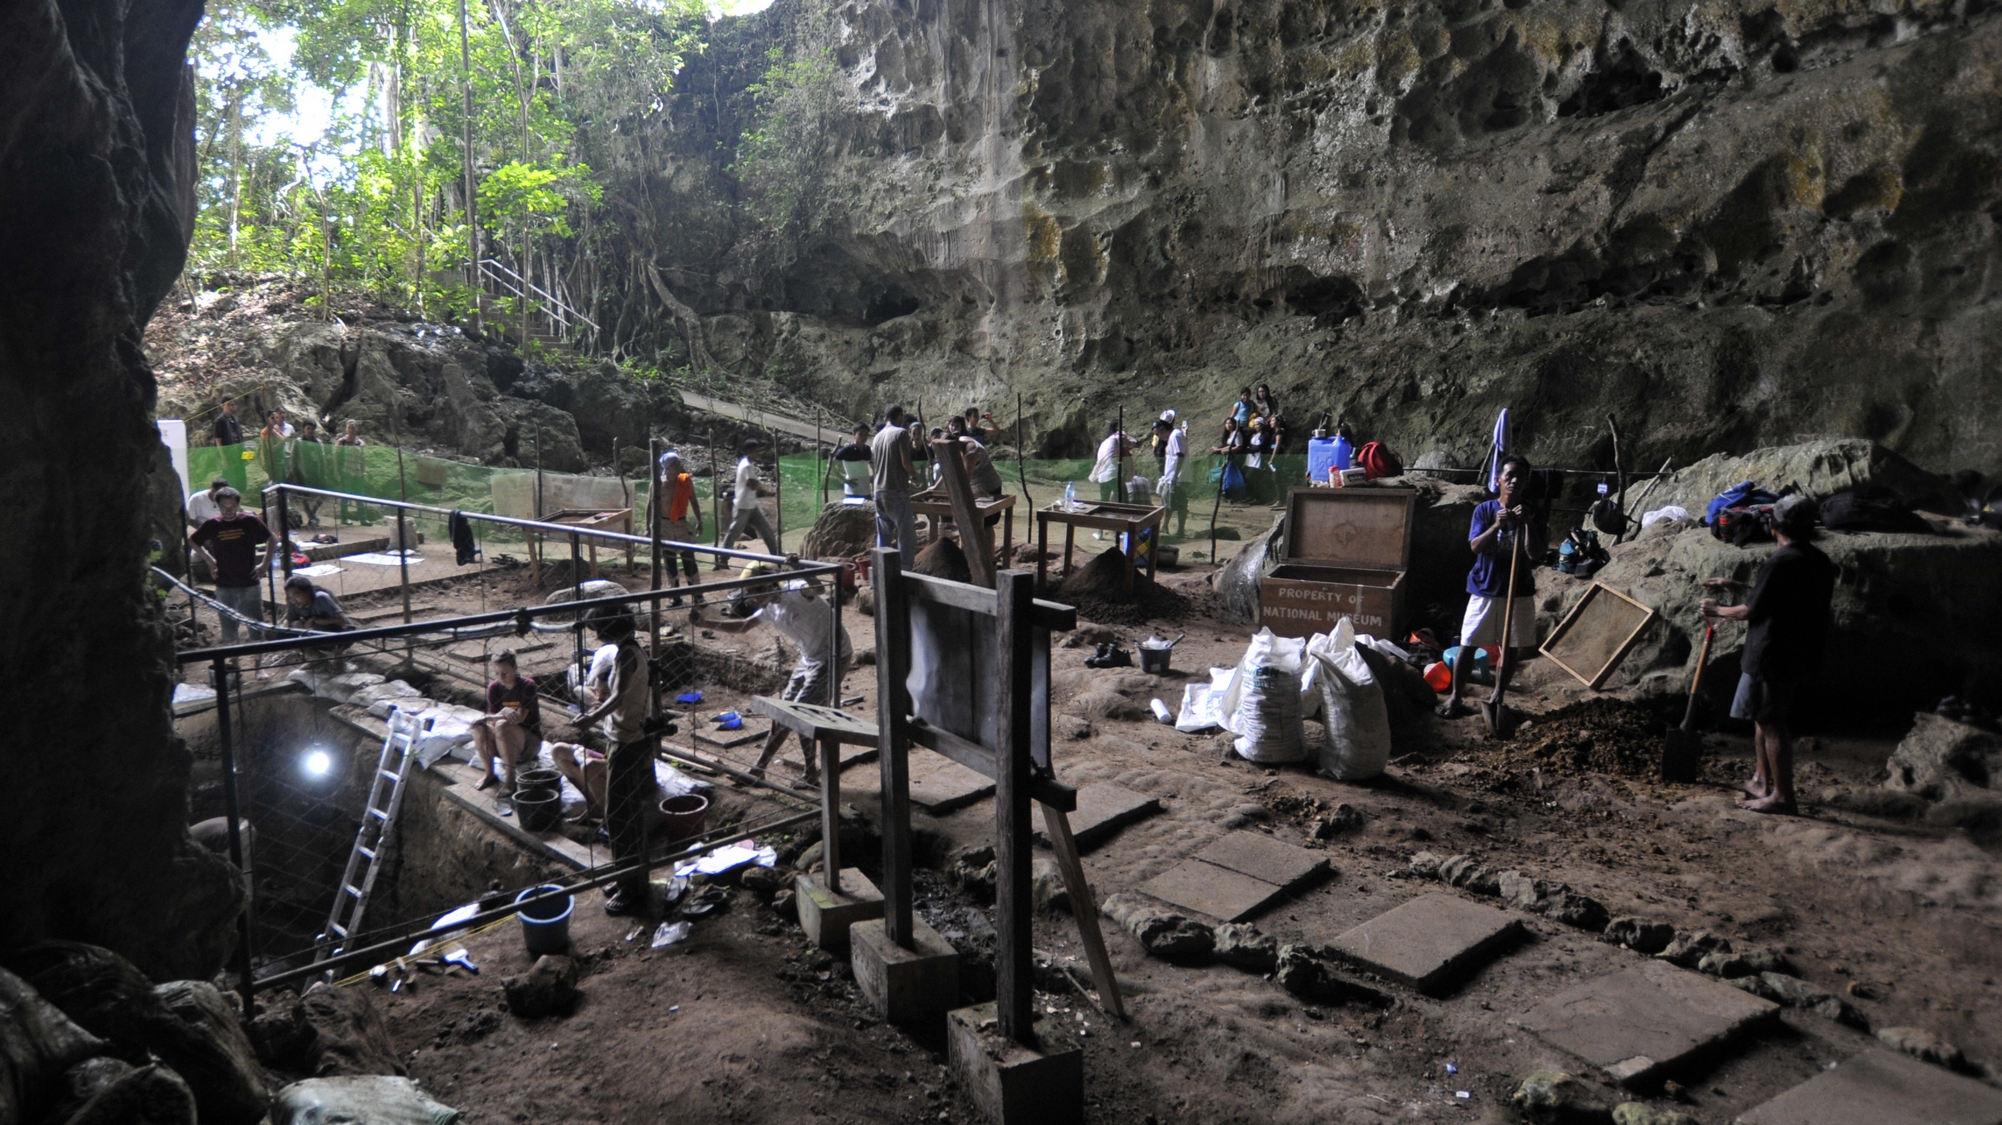 Entretien avec le paléothropologue Clément Zanolli sur la découverte d'une nouvelle espèce humaine